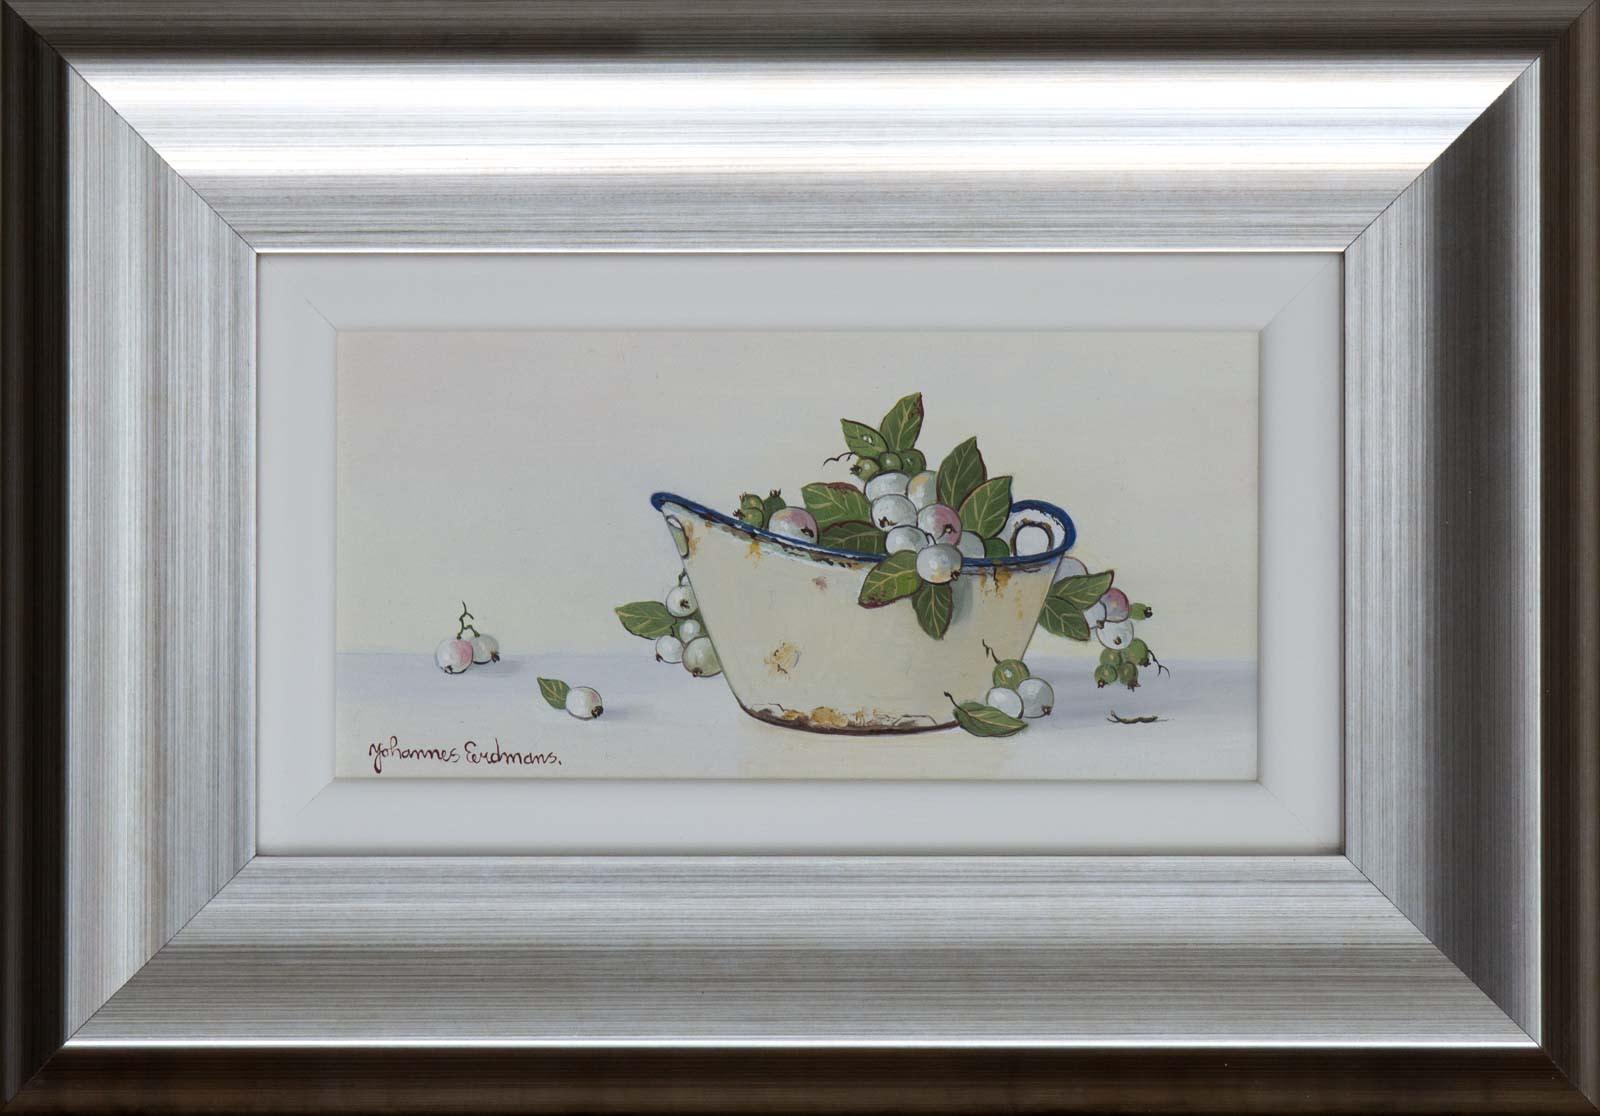 Snowberries, Johannes Eerdmans